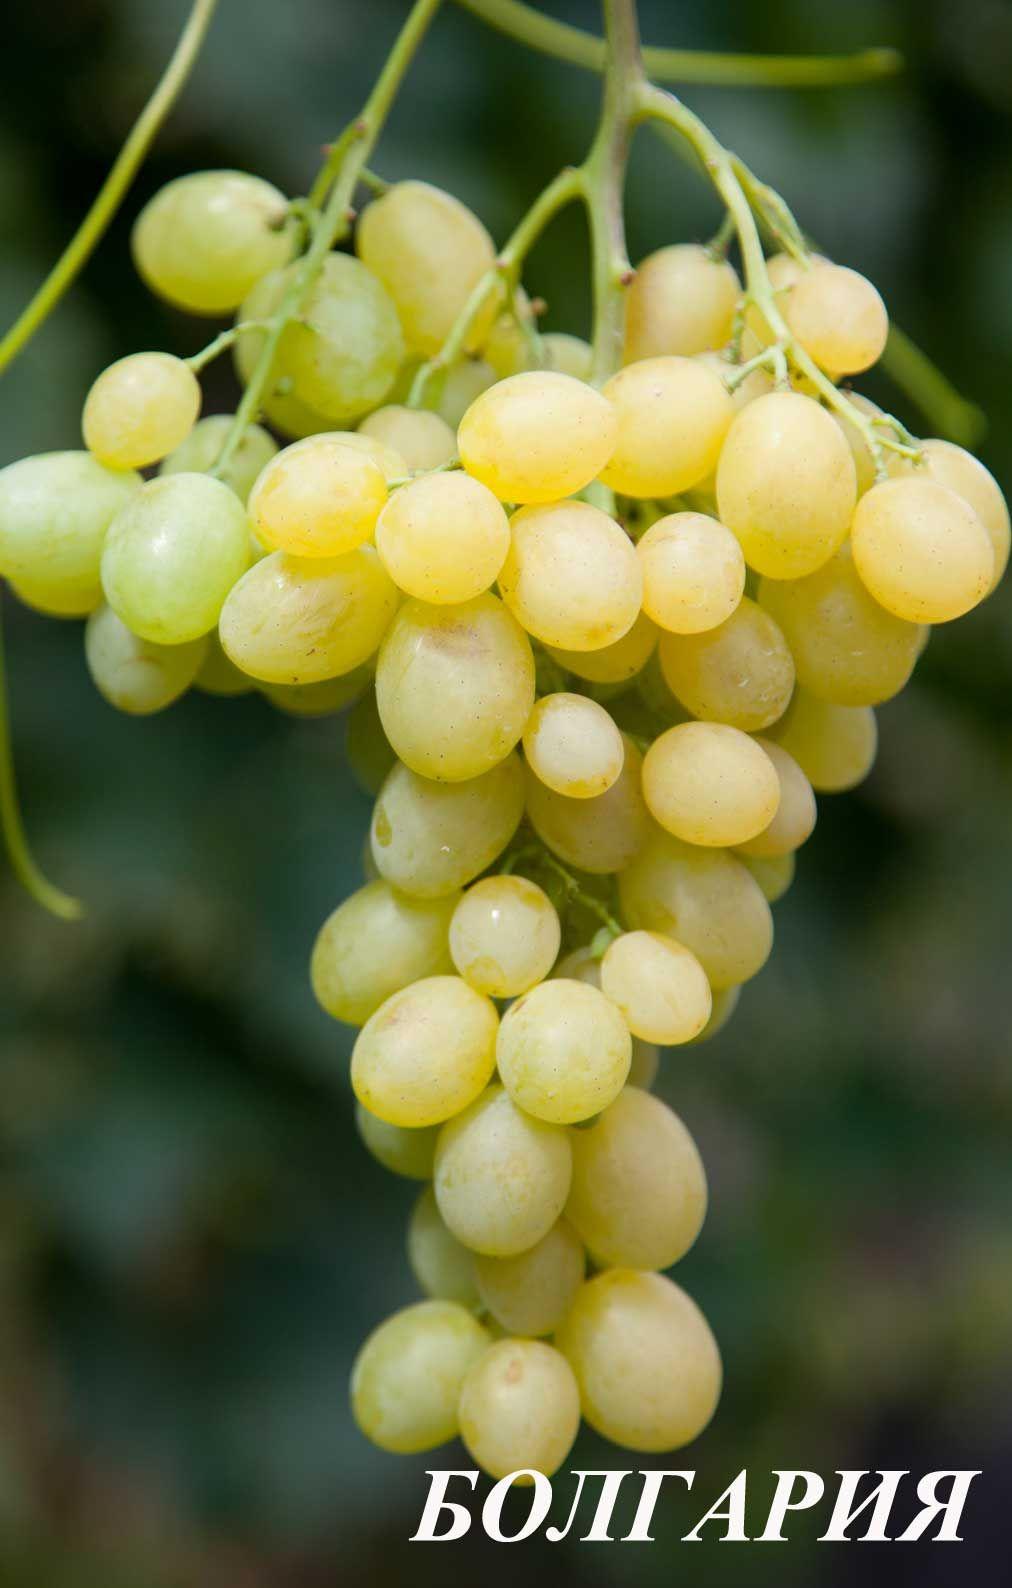 Саженец Винограда Болгария: фото и описание